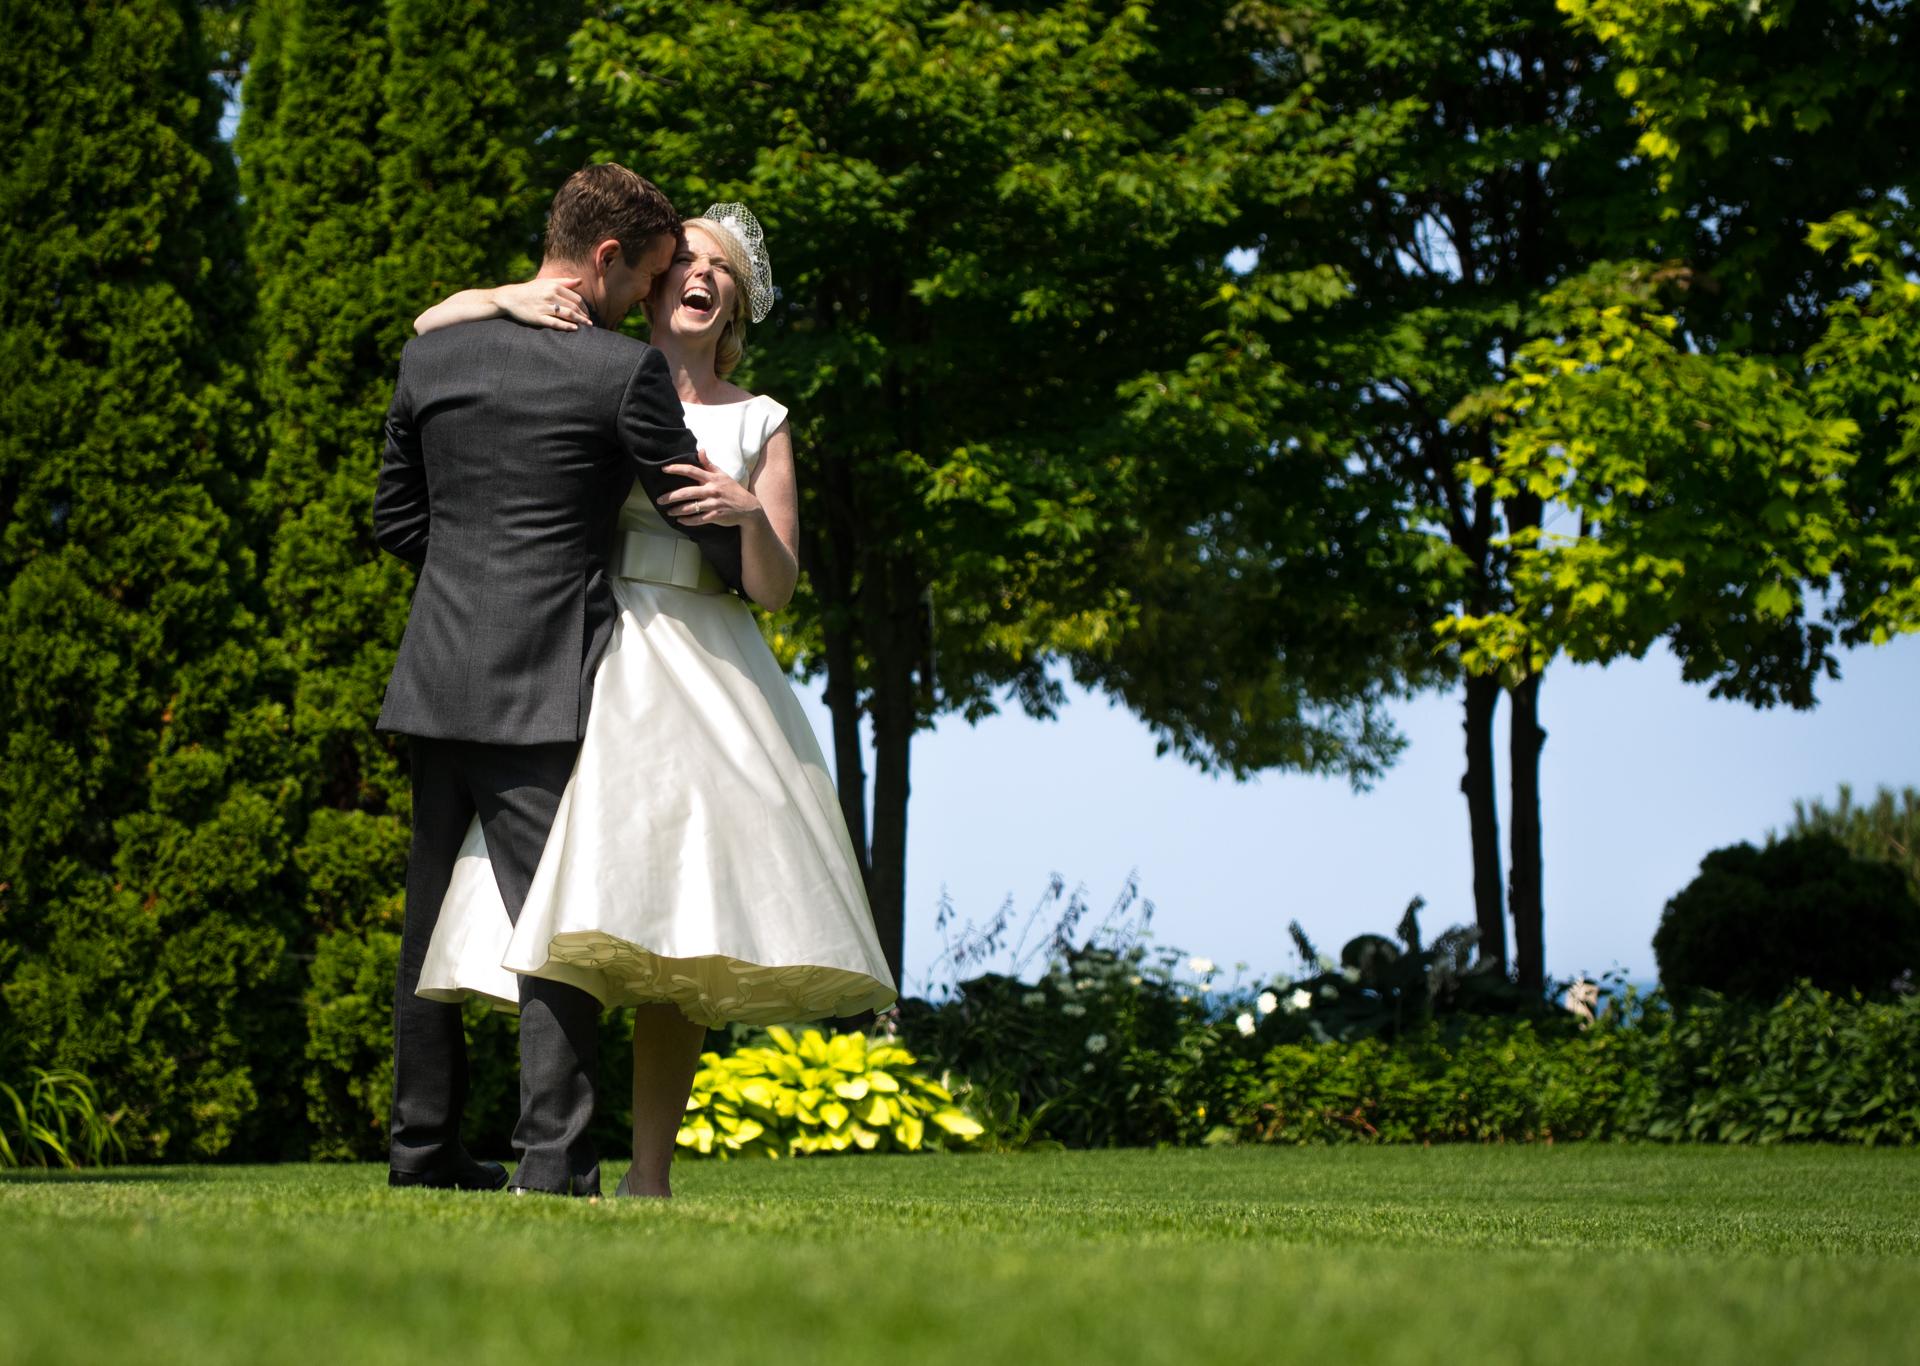 Meaford_Summer_Wedding_013